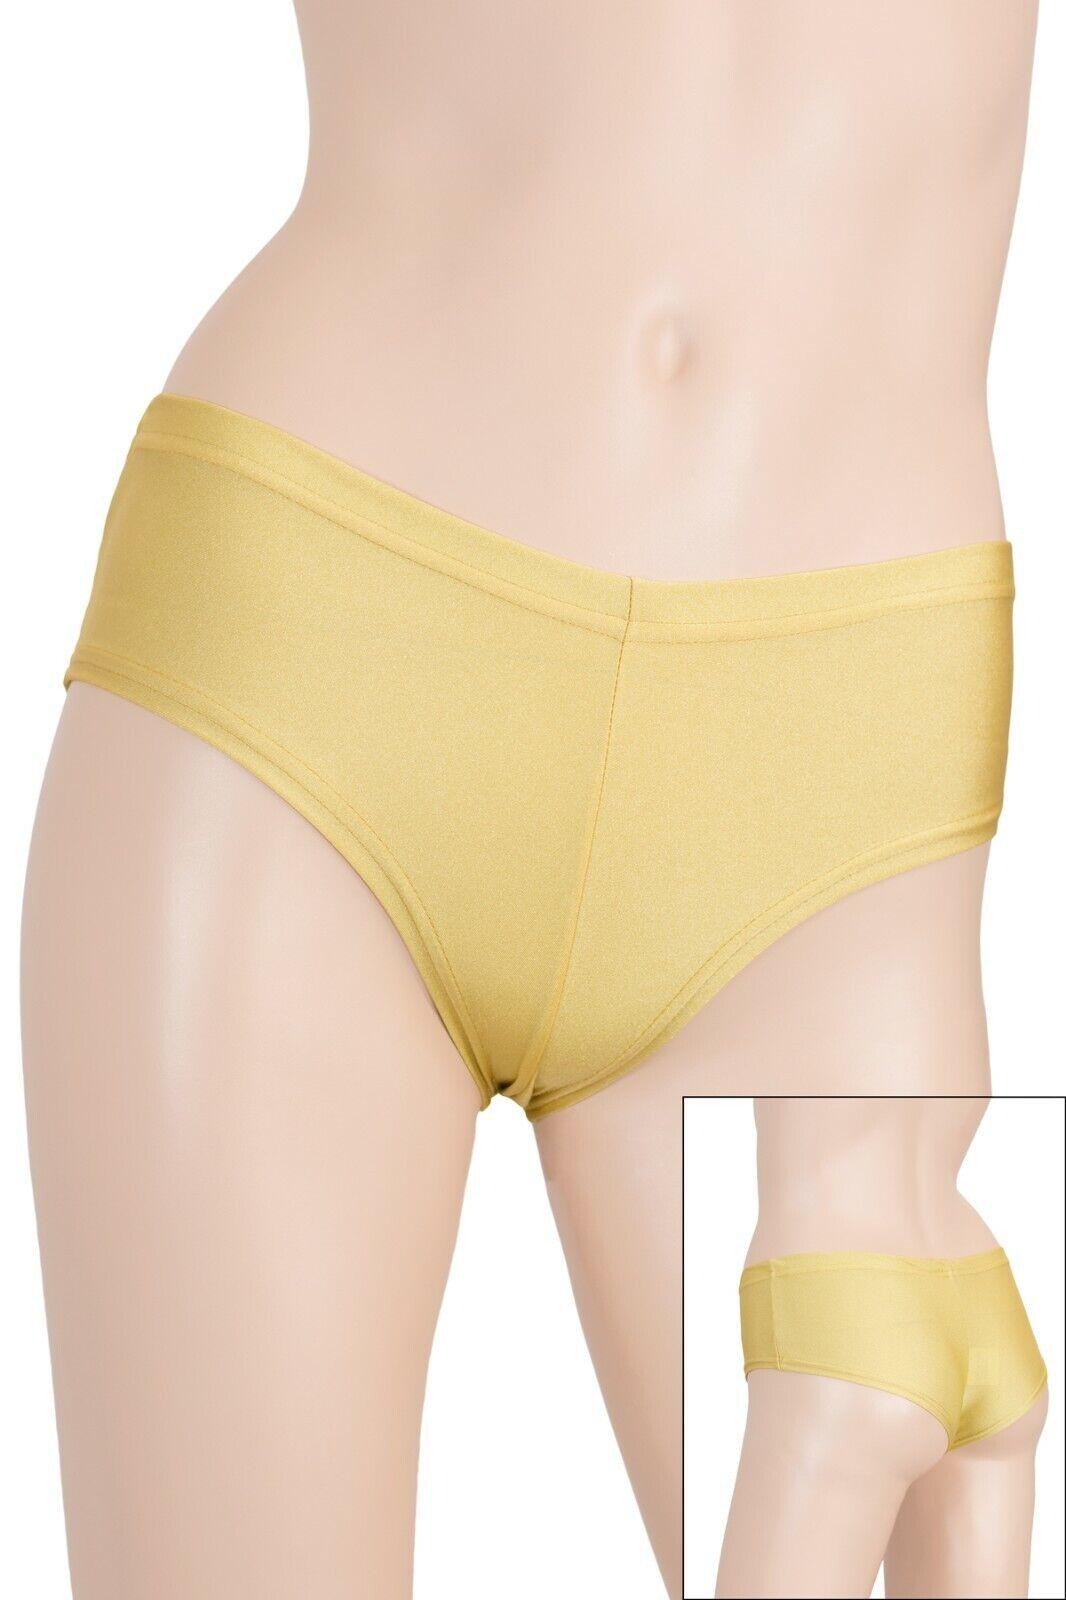 Damen Panty Panties Slips elastisch wie eine zweite Haut stretch shiny S bis XXL